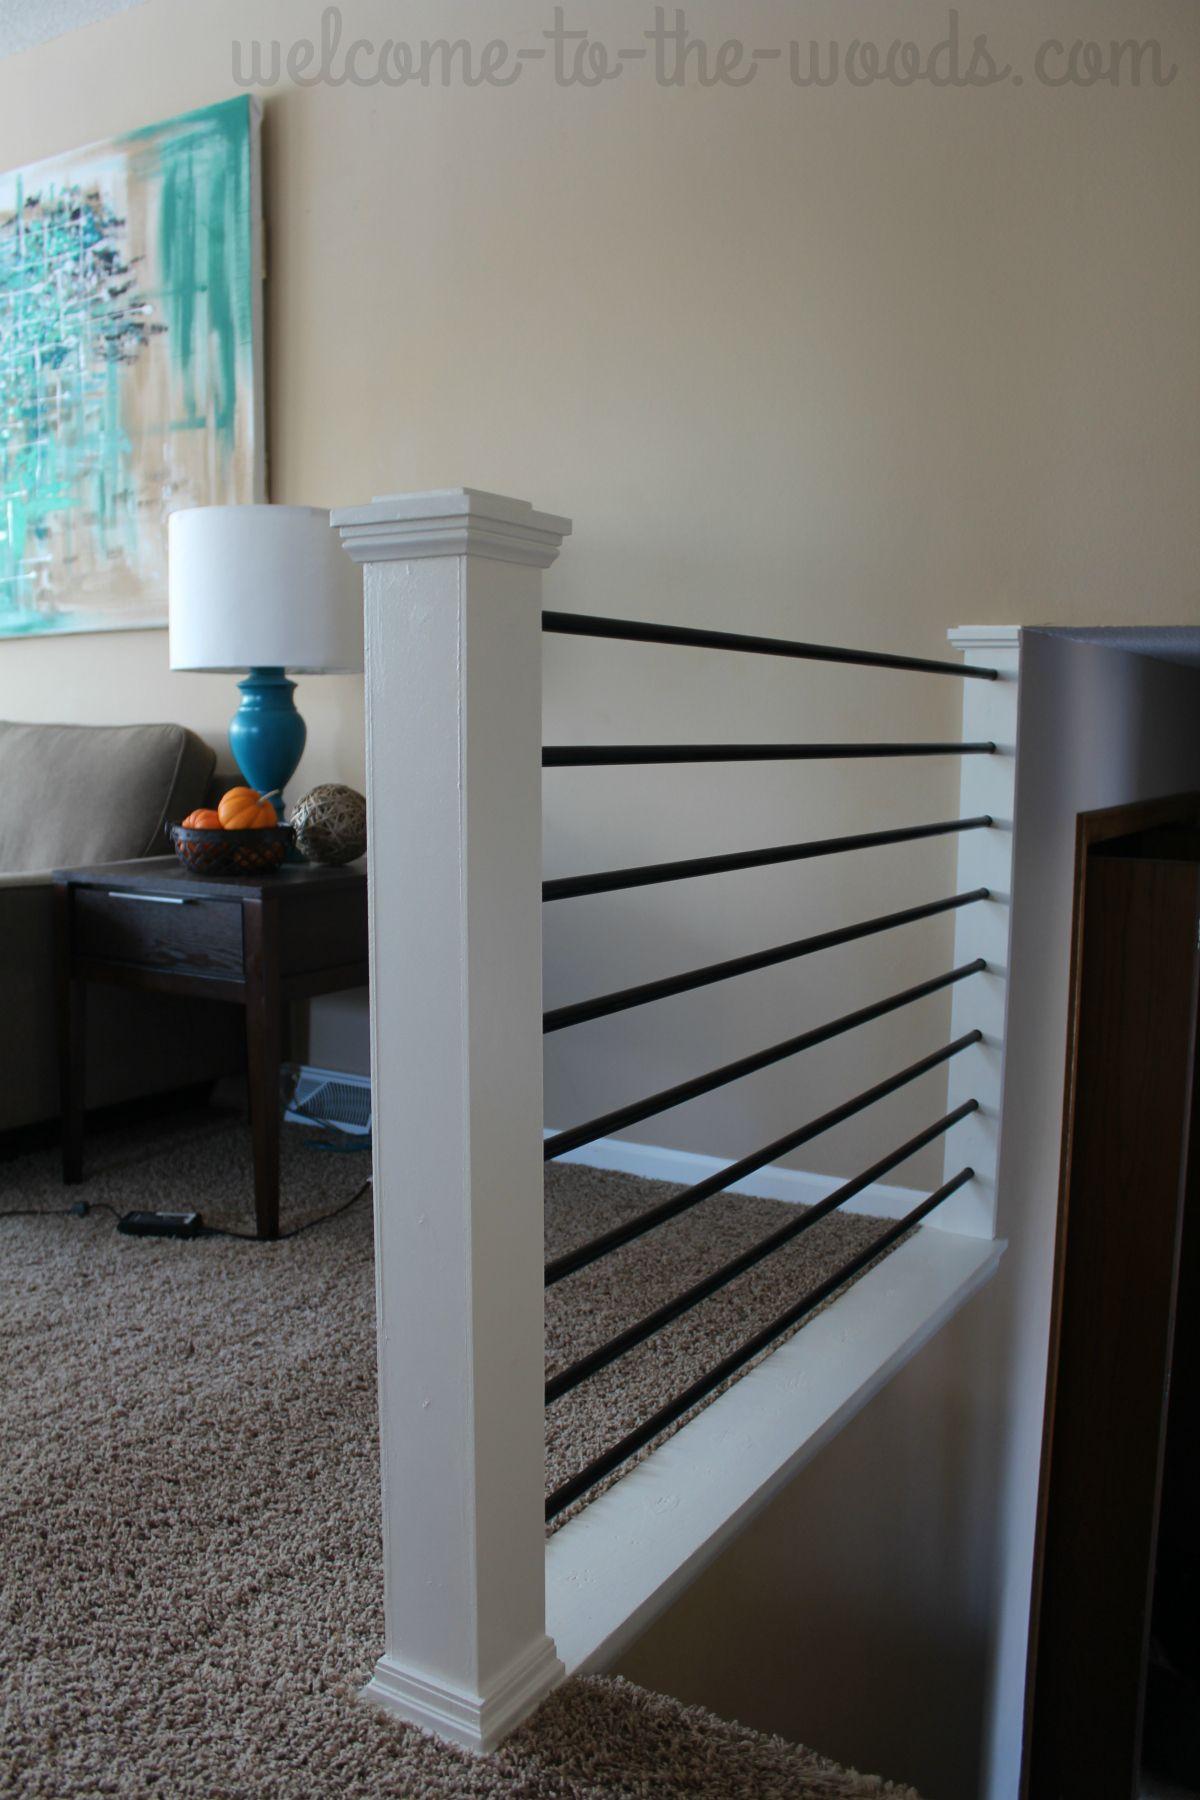 Stair Railing Diy Makeover Diy Stair Railing Stair Railing | Diy Metal Stair Railing | Outdoor | Exterior | Beginner | Indoor | Metal Baluster Drywall